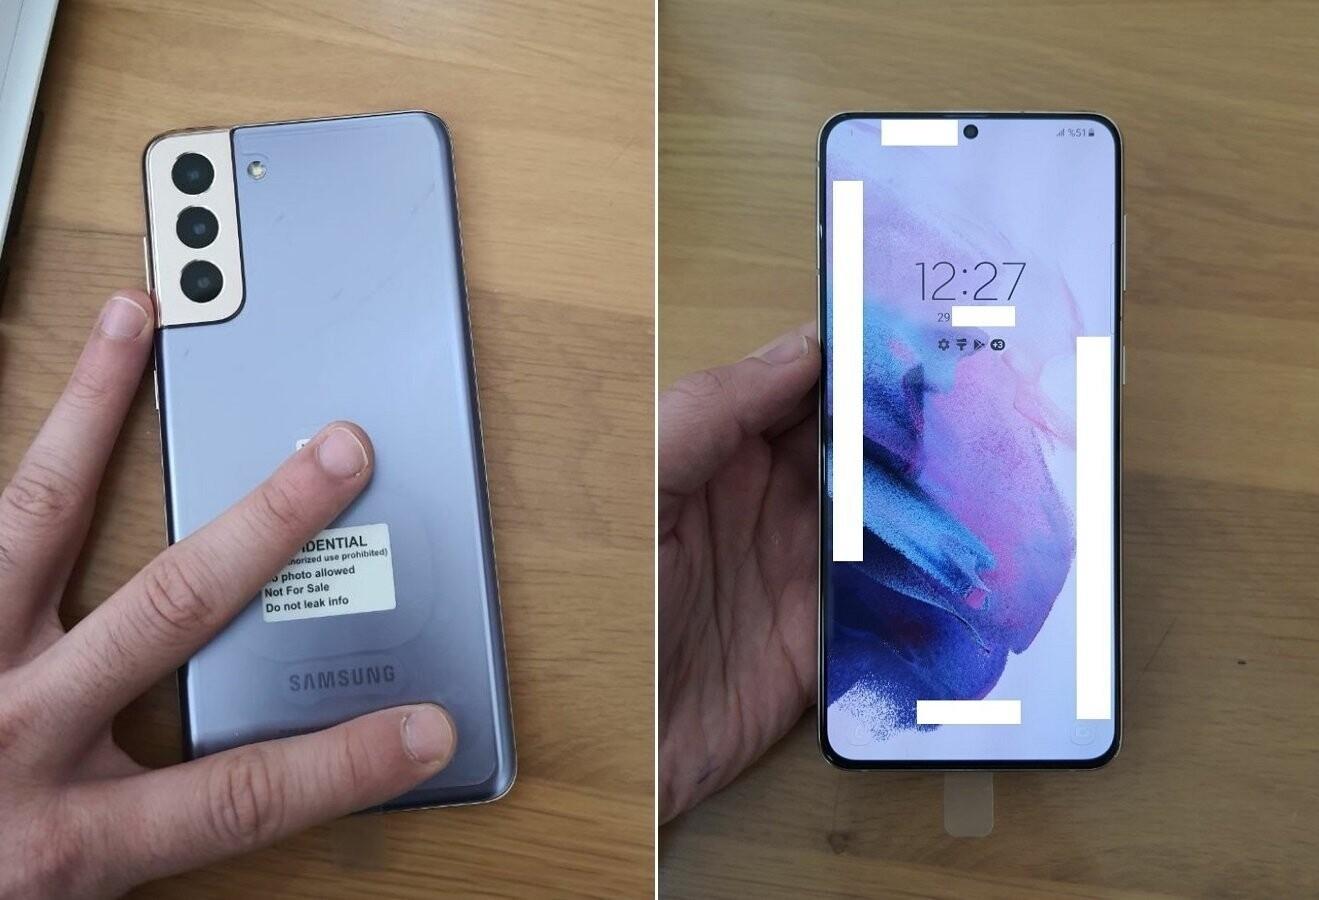 Le Samsung Galaxy S21 Plus a déjà été pris en photo durant une prise en main